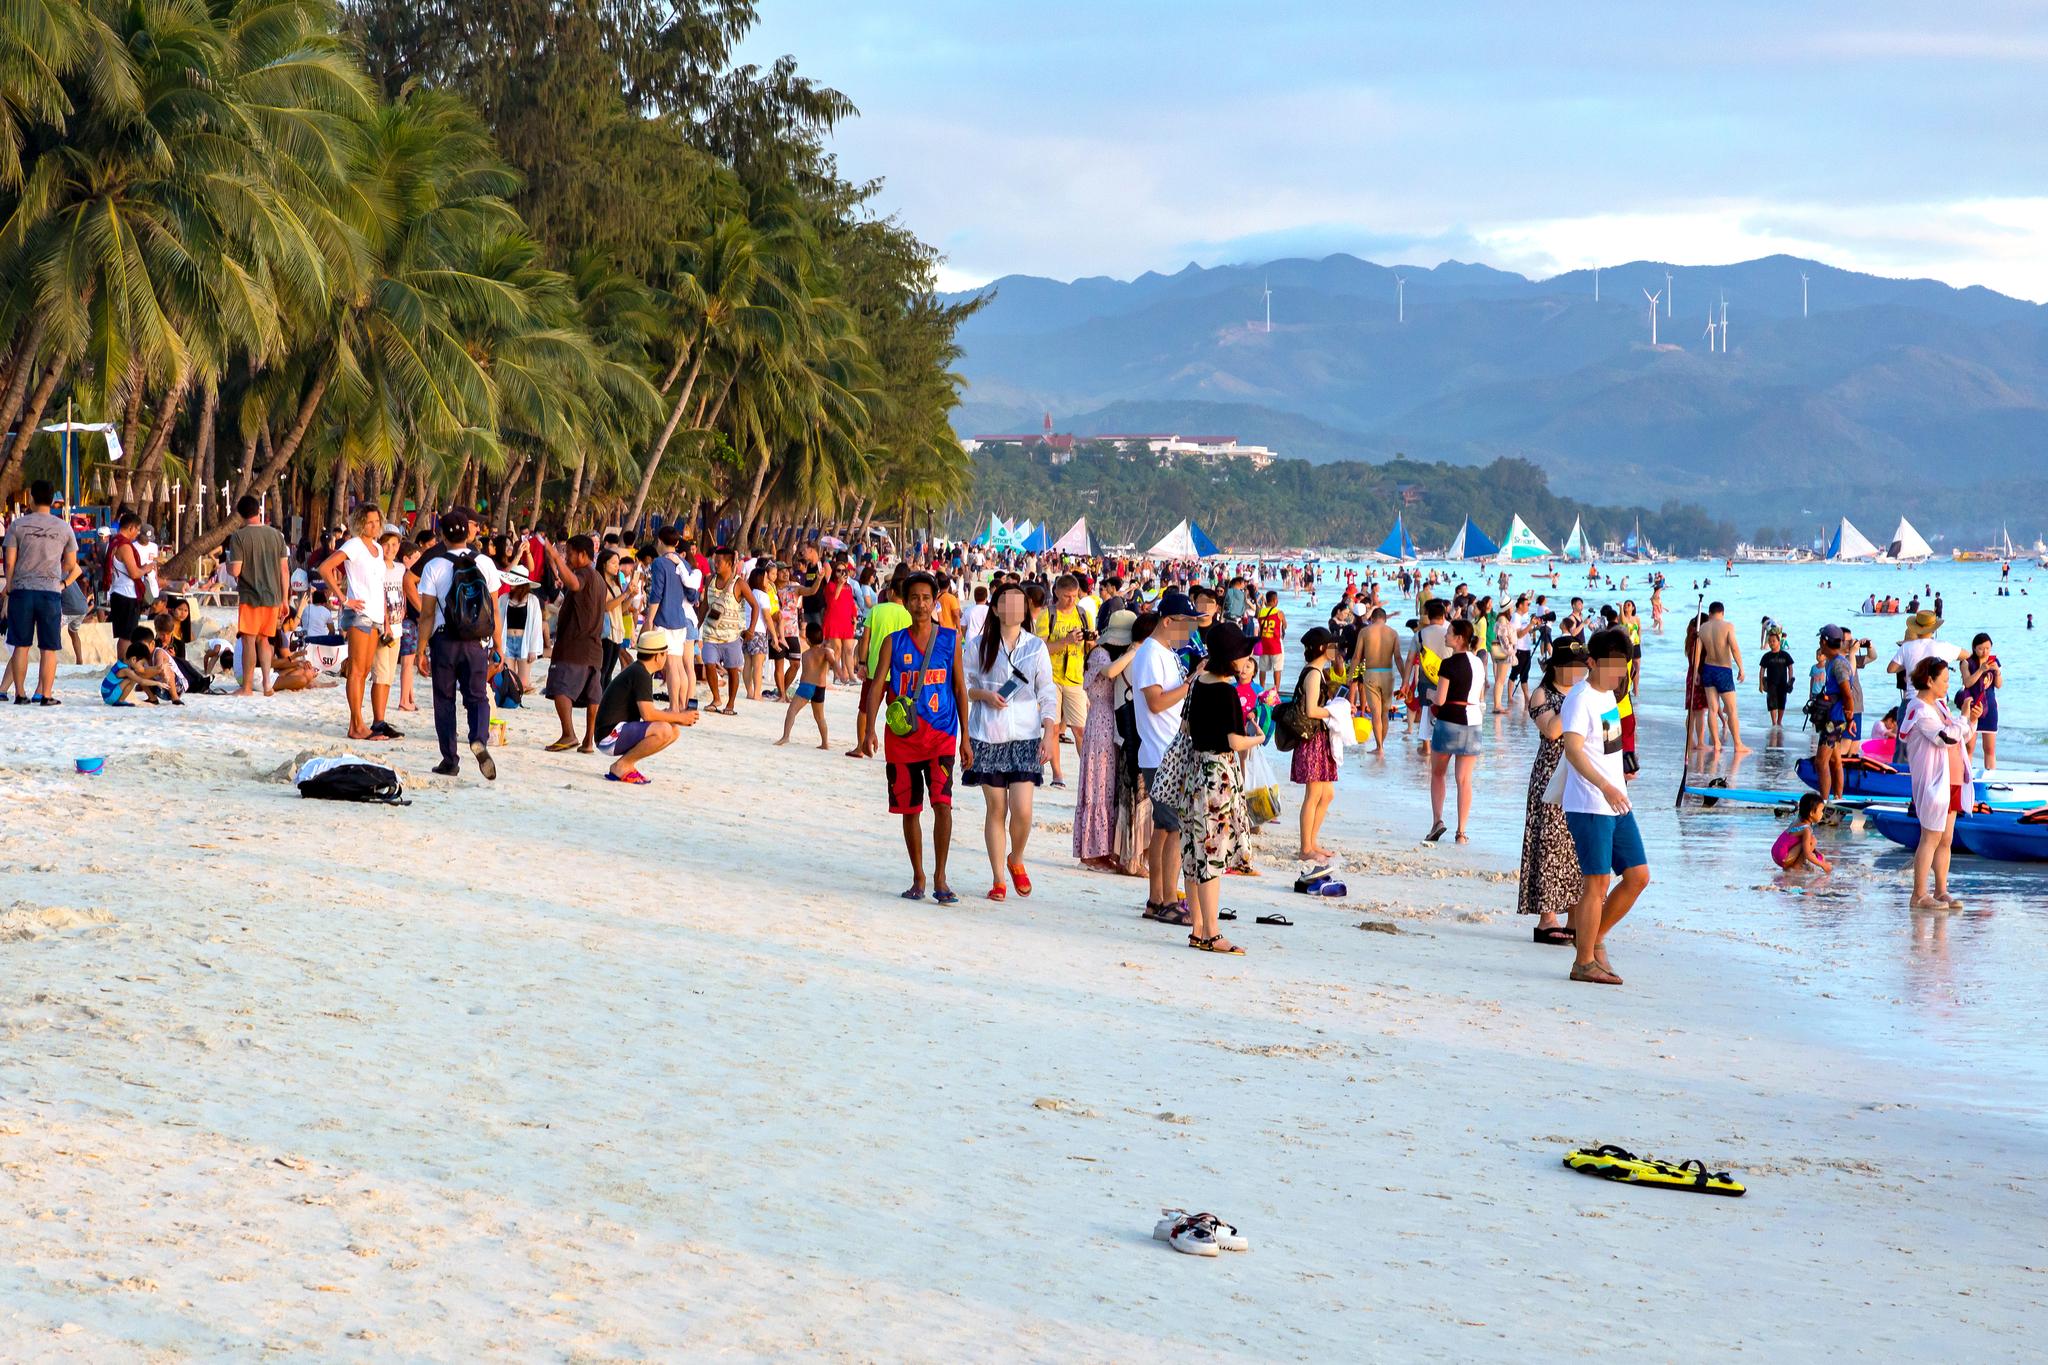 필리핀 보라카이 섬이 몰려드는 관광객들로 인해 환경 오염 문제가 심각해지면서 지난해 4월부터 6개월간 폐쇄됐다.폐쇄 전 화이트 비치에 모인 관광객들. [중앙포토]